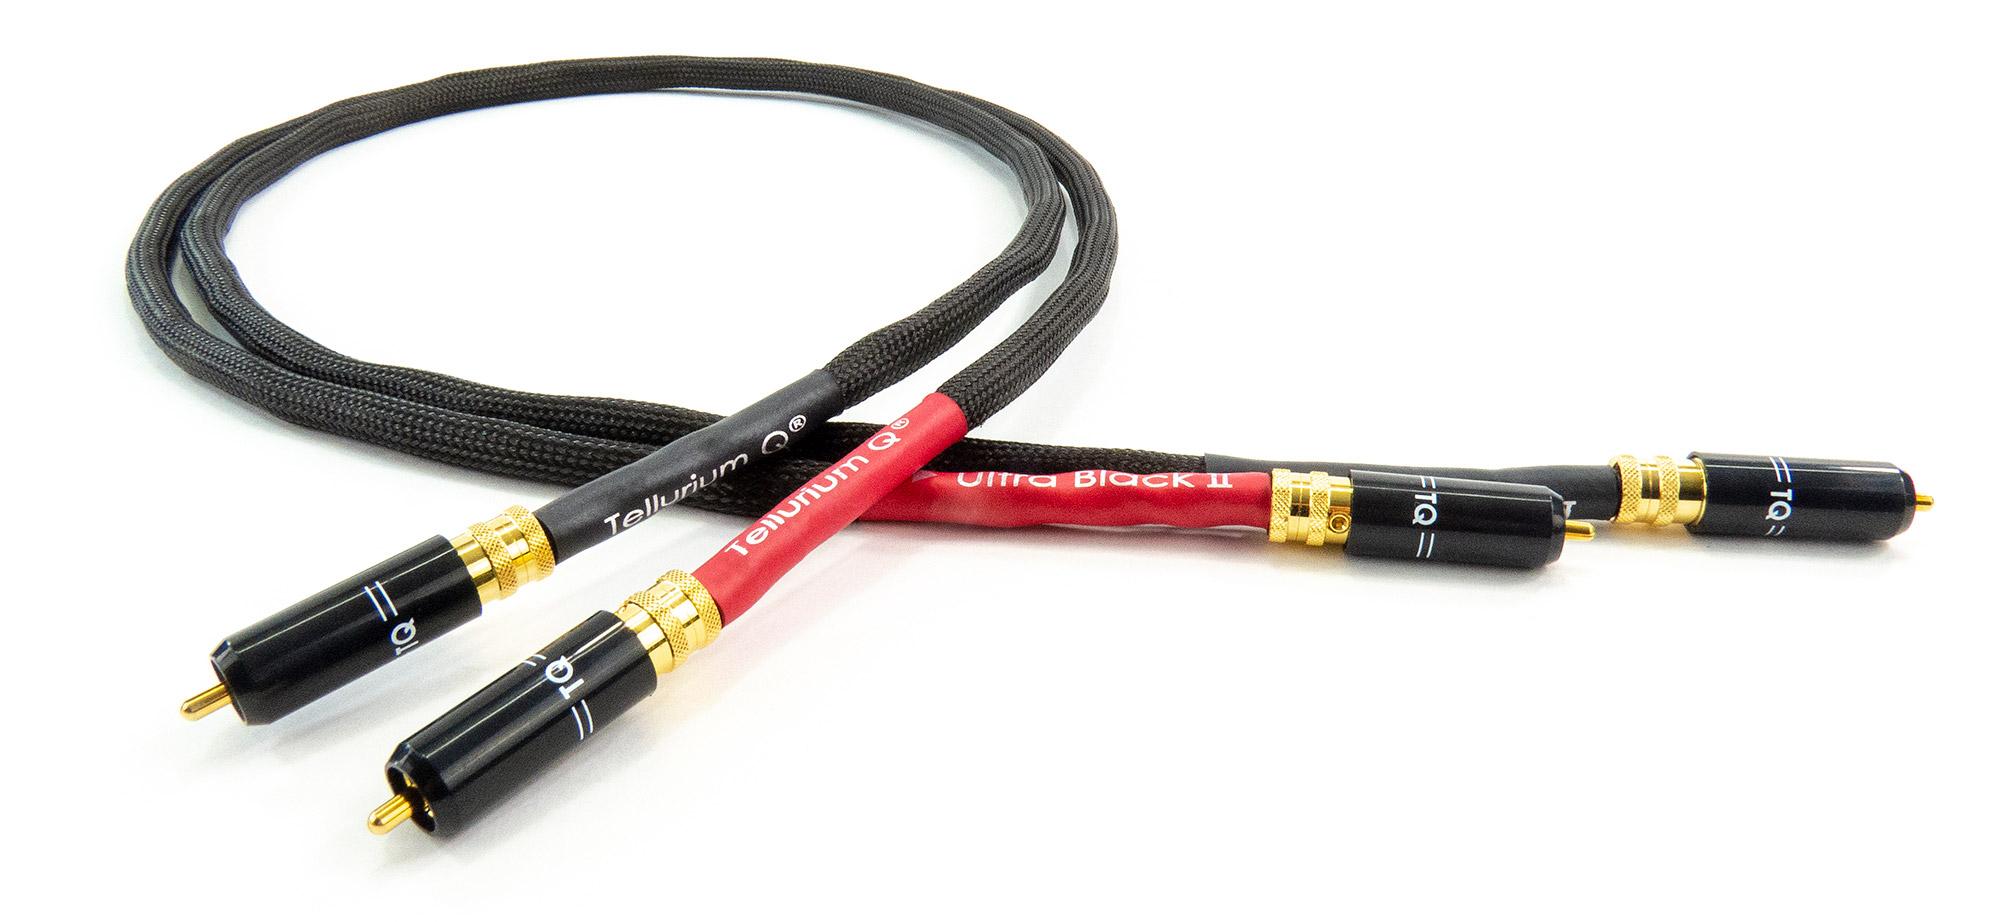 Ultra Black II RCA-Kabel